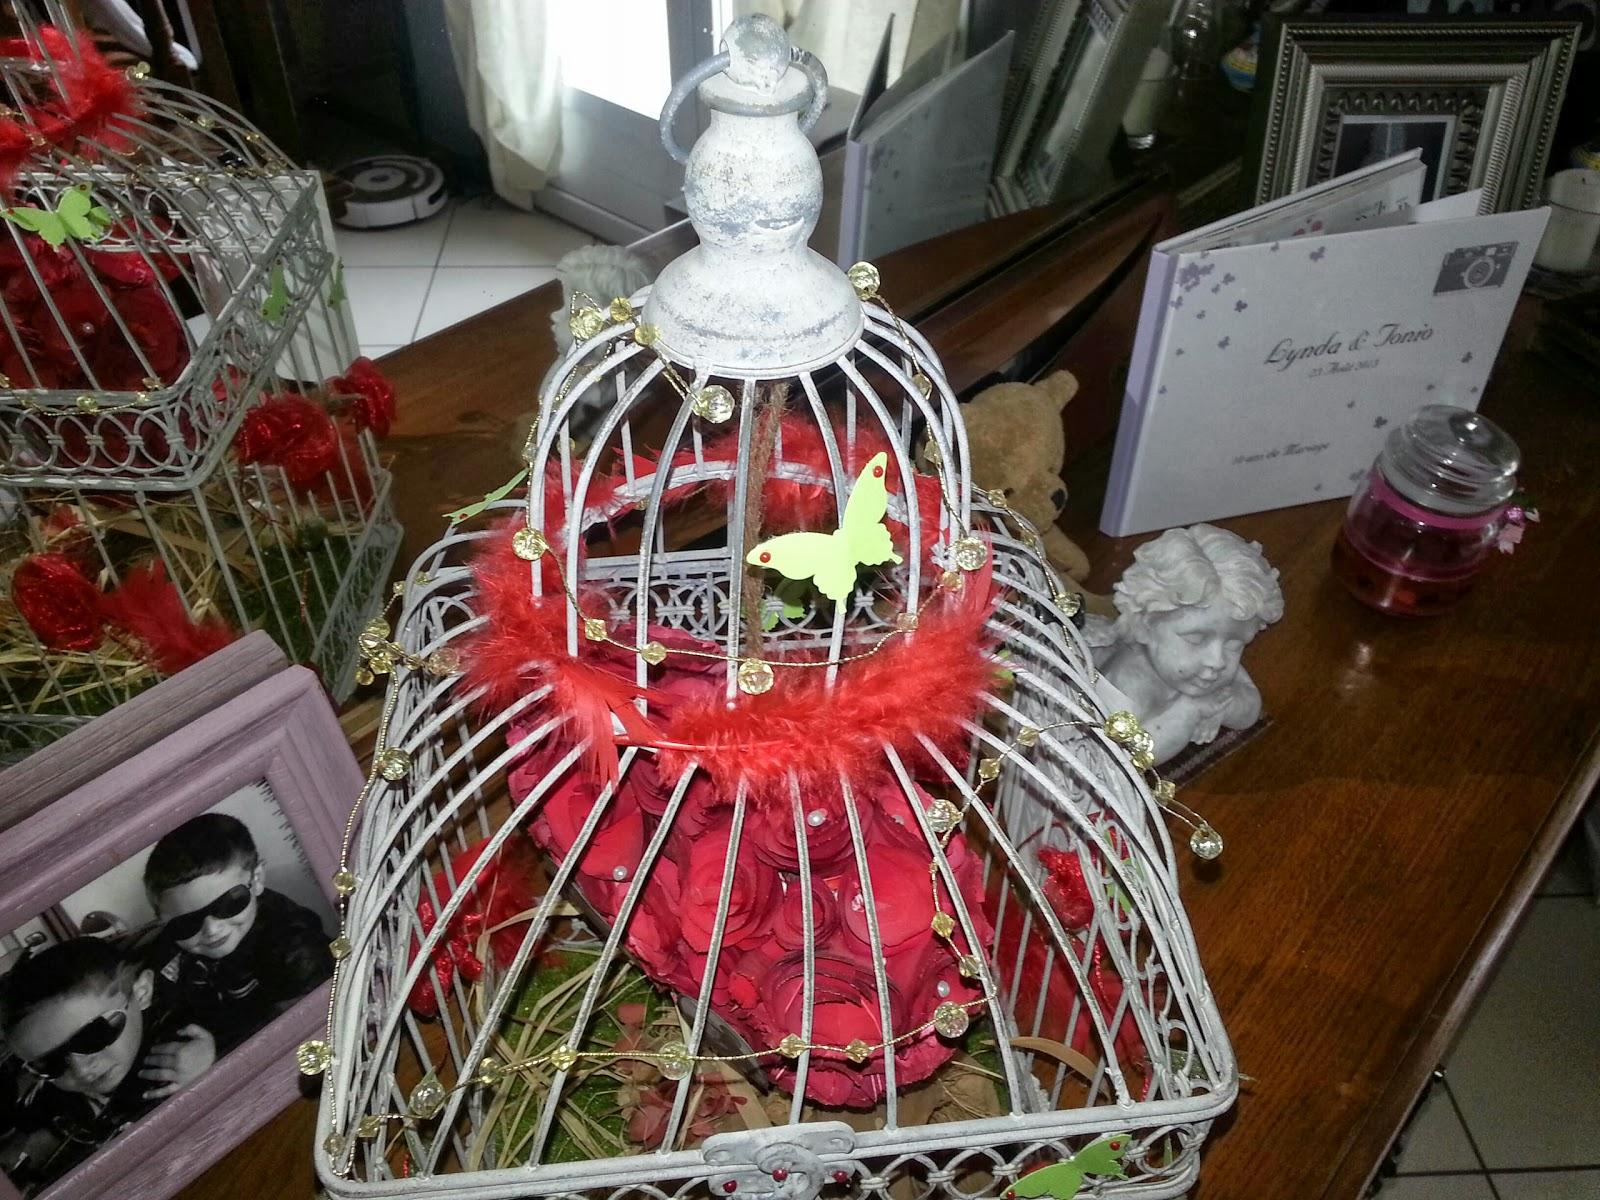 la cage a t acheter a gifi et ensuite deco avec le theme du mariage et une petite composition de table - Gifi Mariage